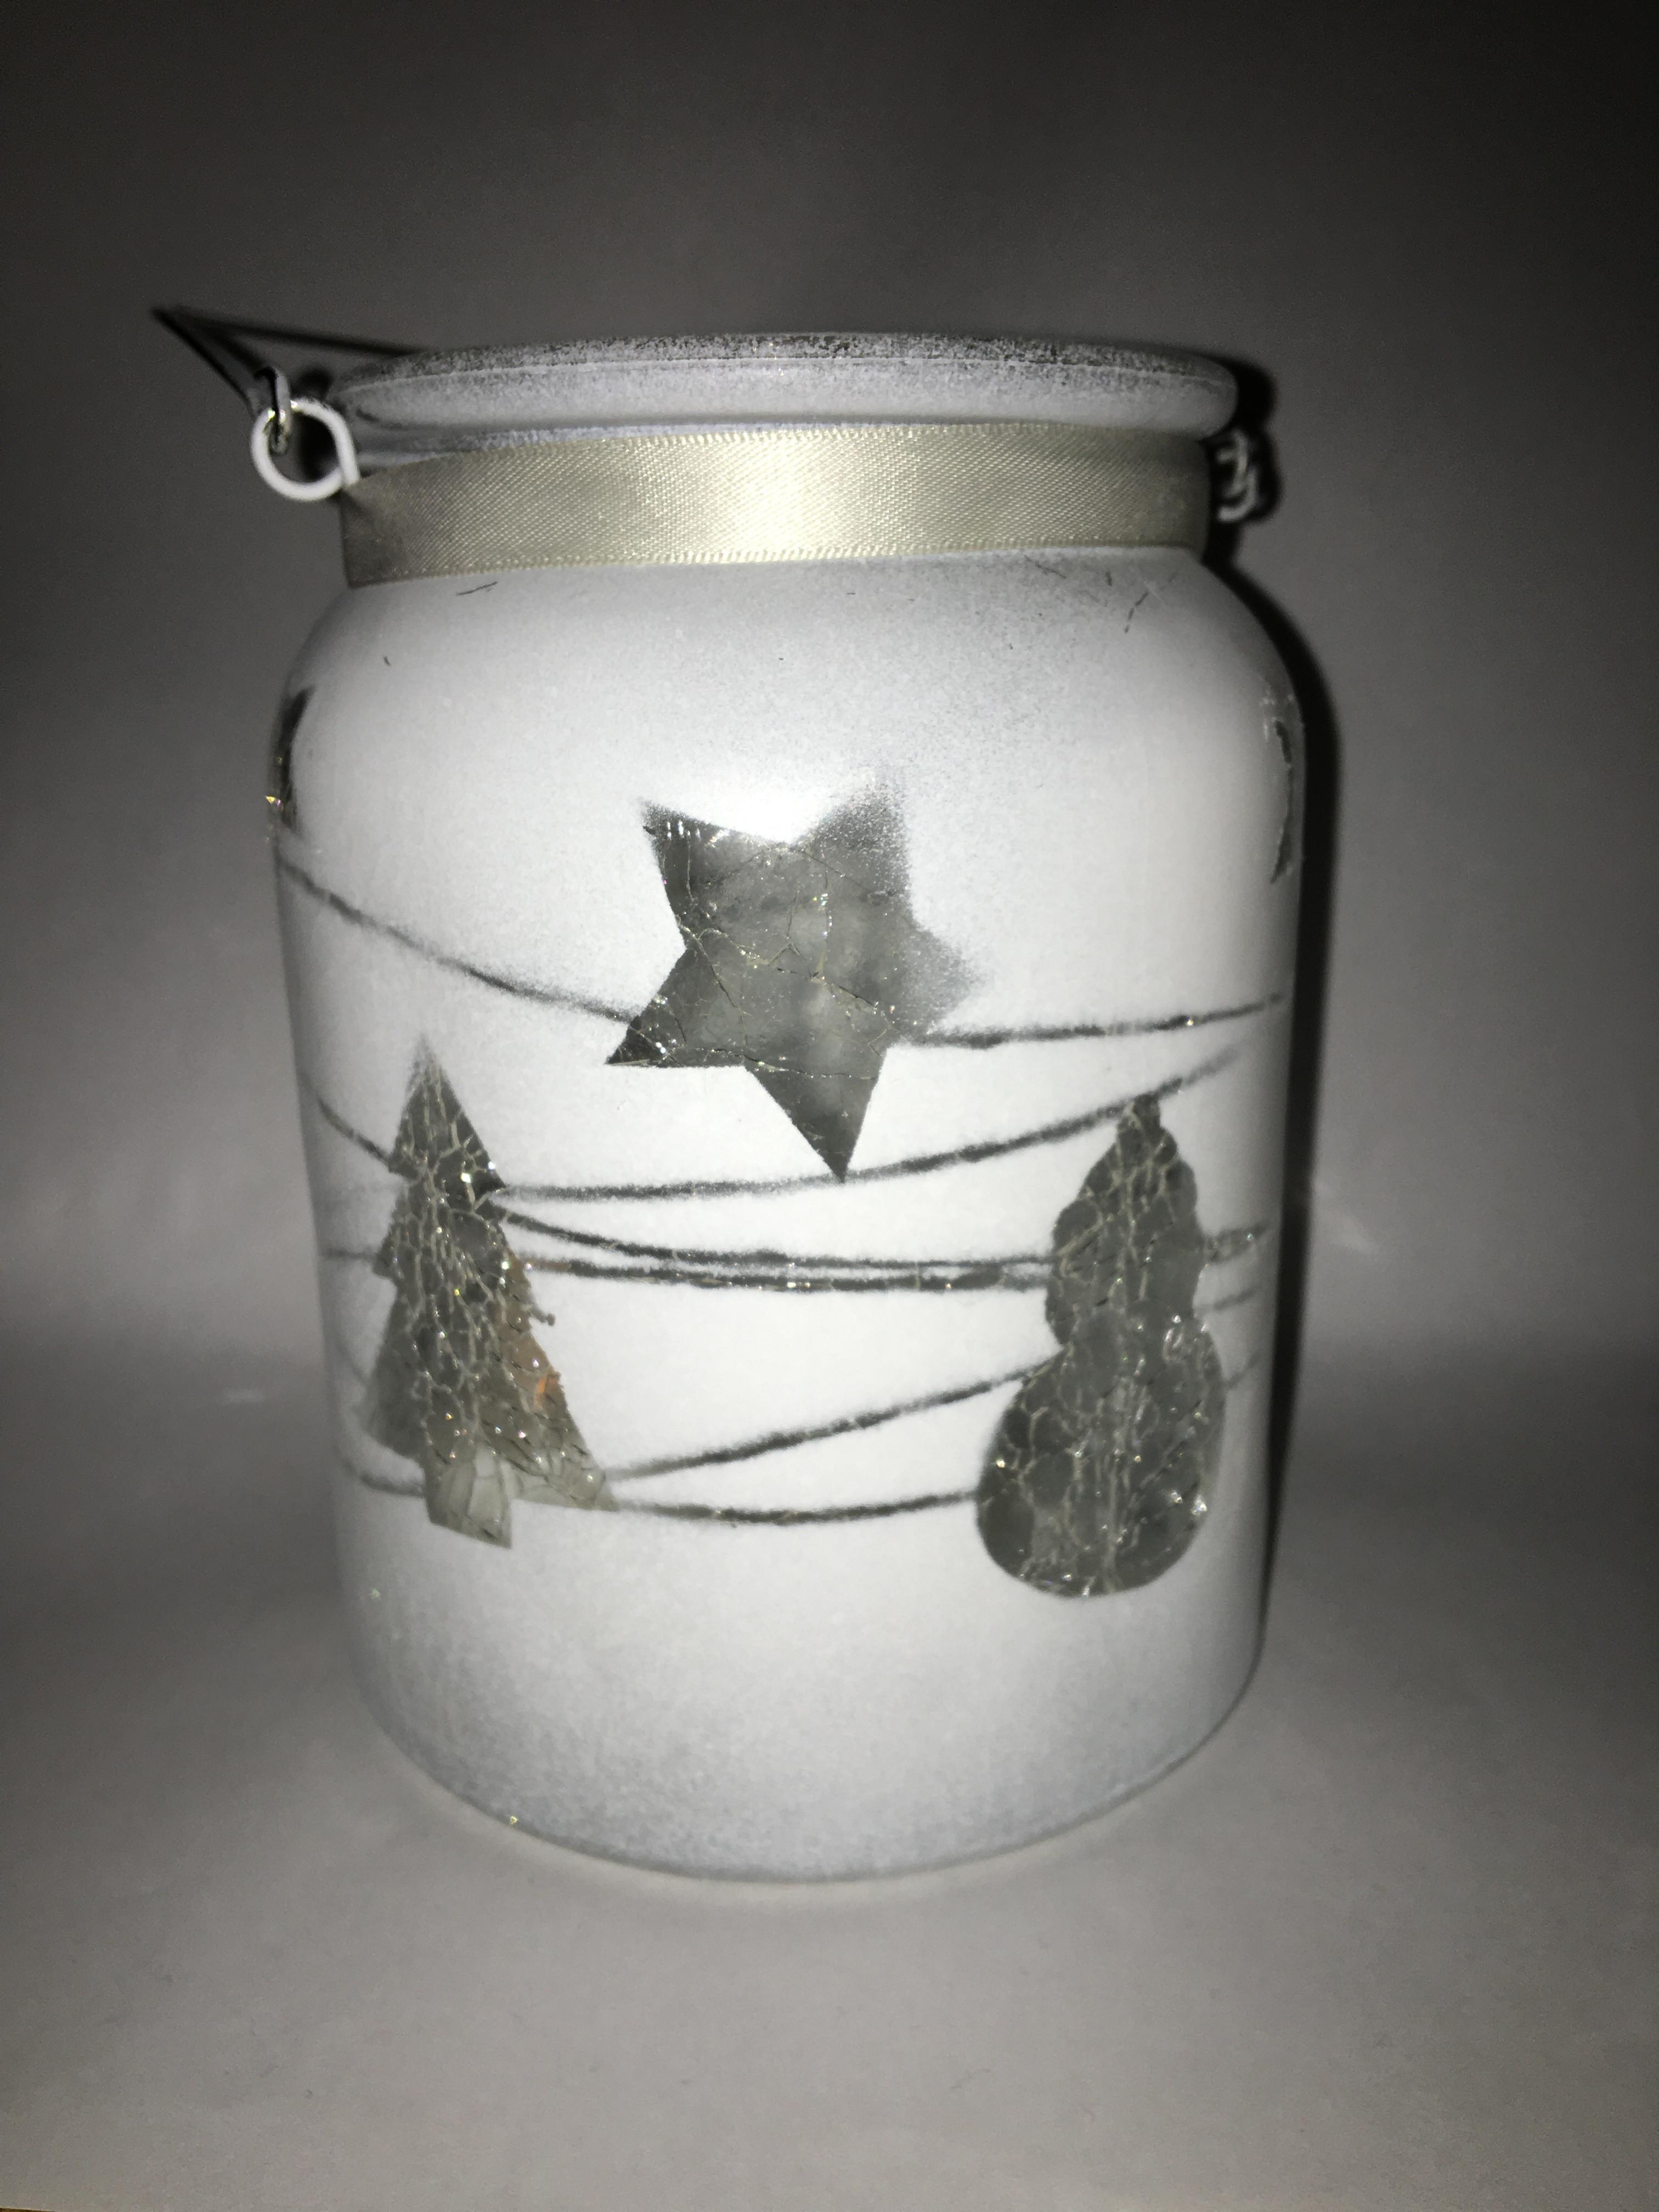 Christmas Lantern Making